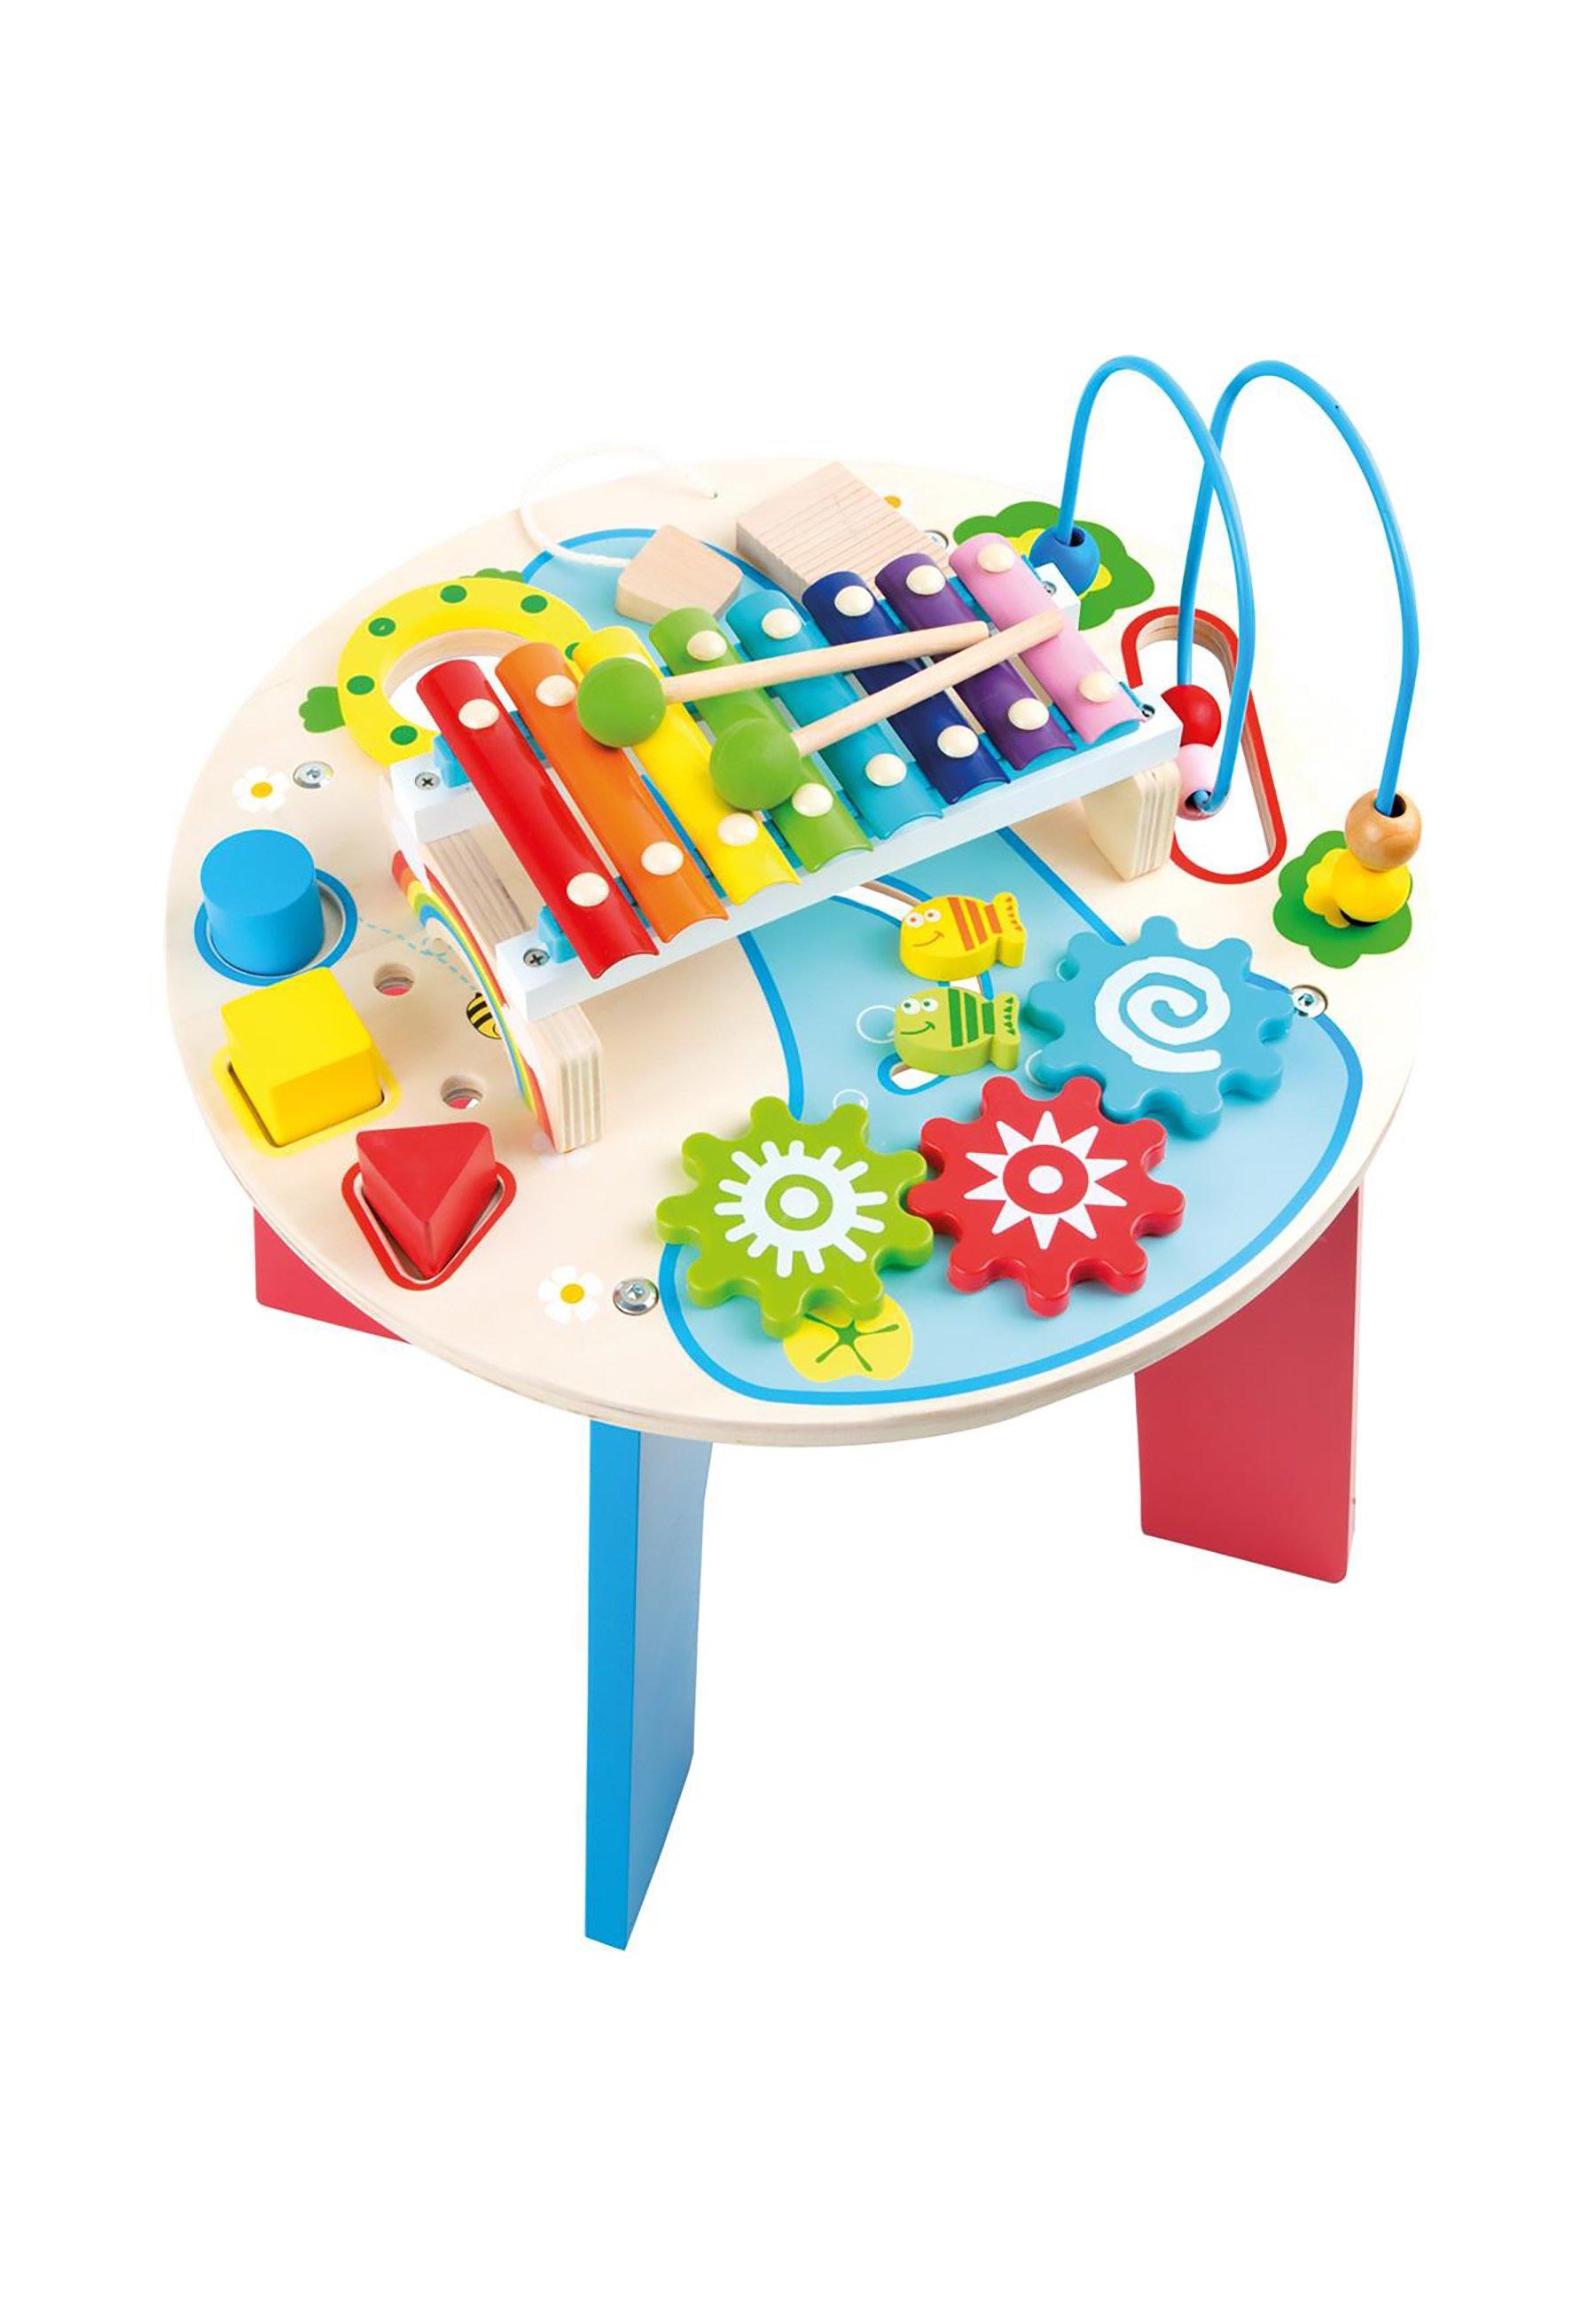 Kinder Spielzeug-Instrument